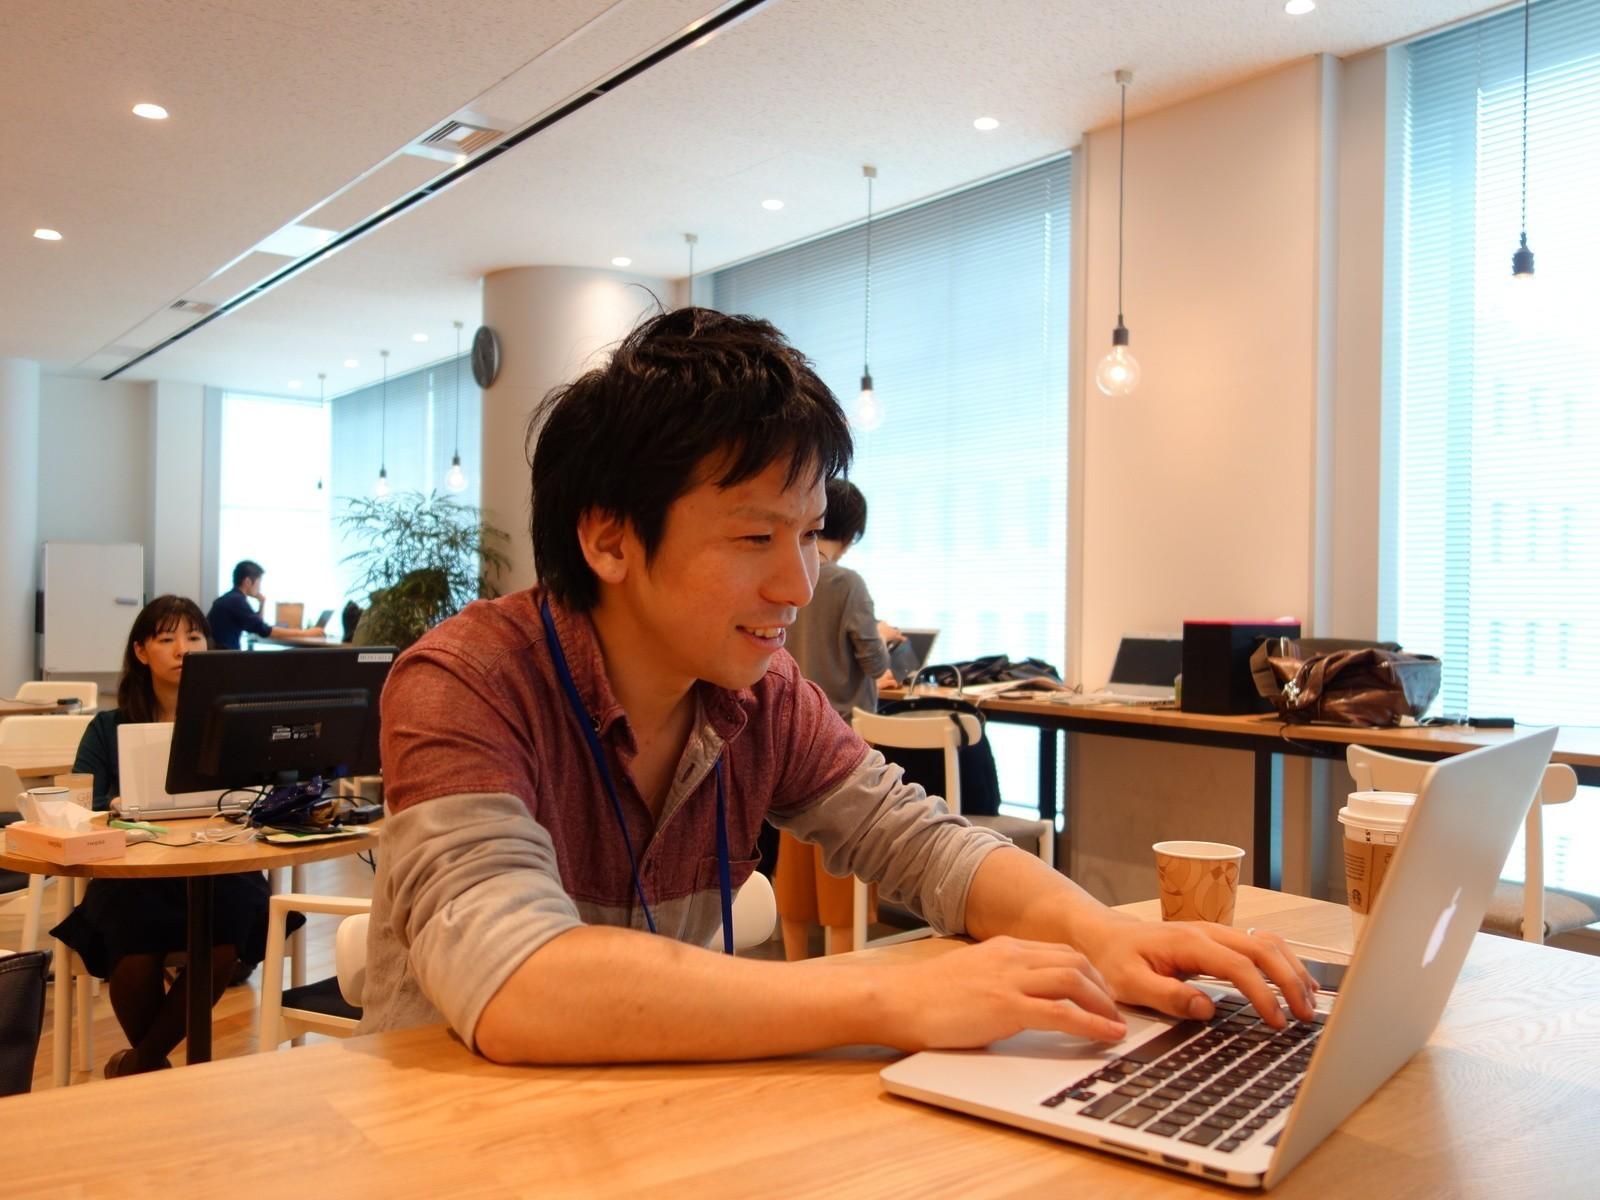 社会人を EdTech で支援するグロービスが iOSエンジニアを募集中!